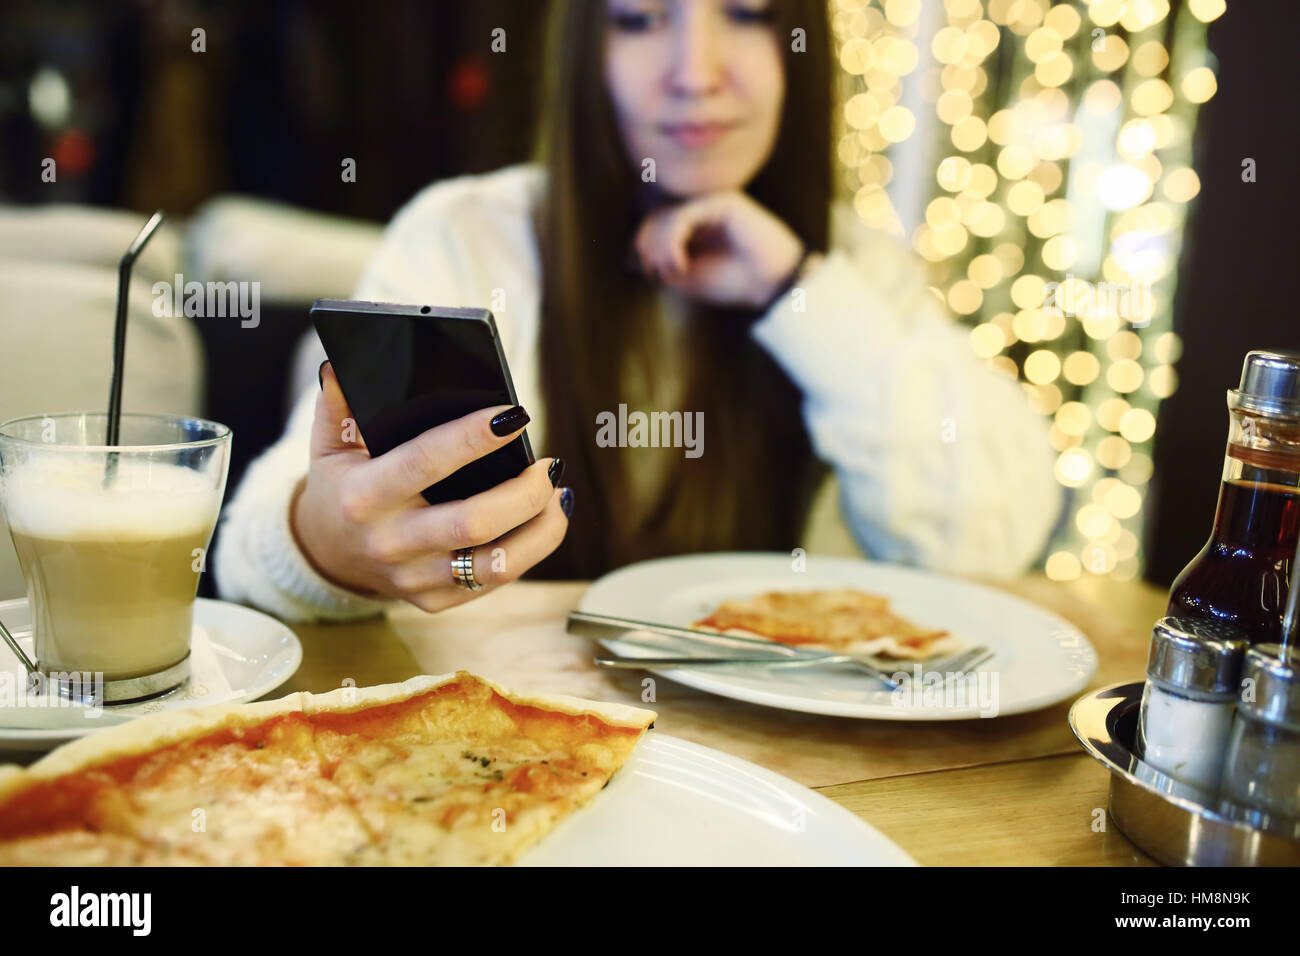 Donna digitando Scrivi messaggio sul telefono intelligente in un moderno cafe'. Immagine ritagliata della giovane Immagini Stock